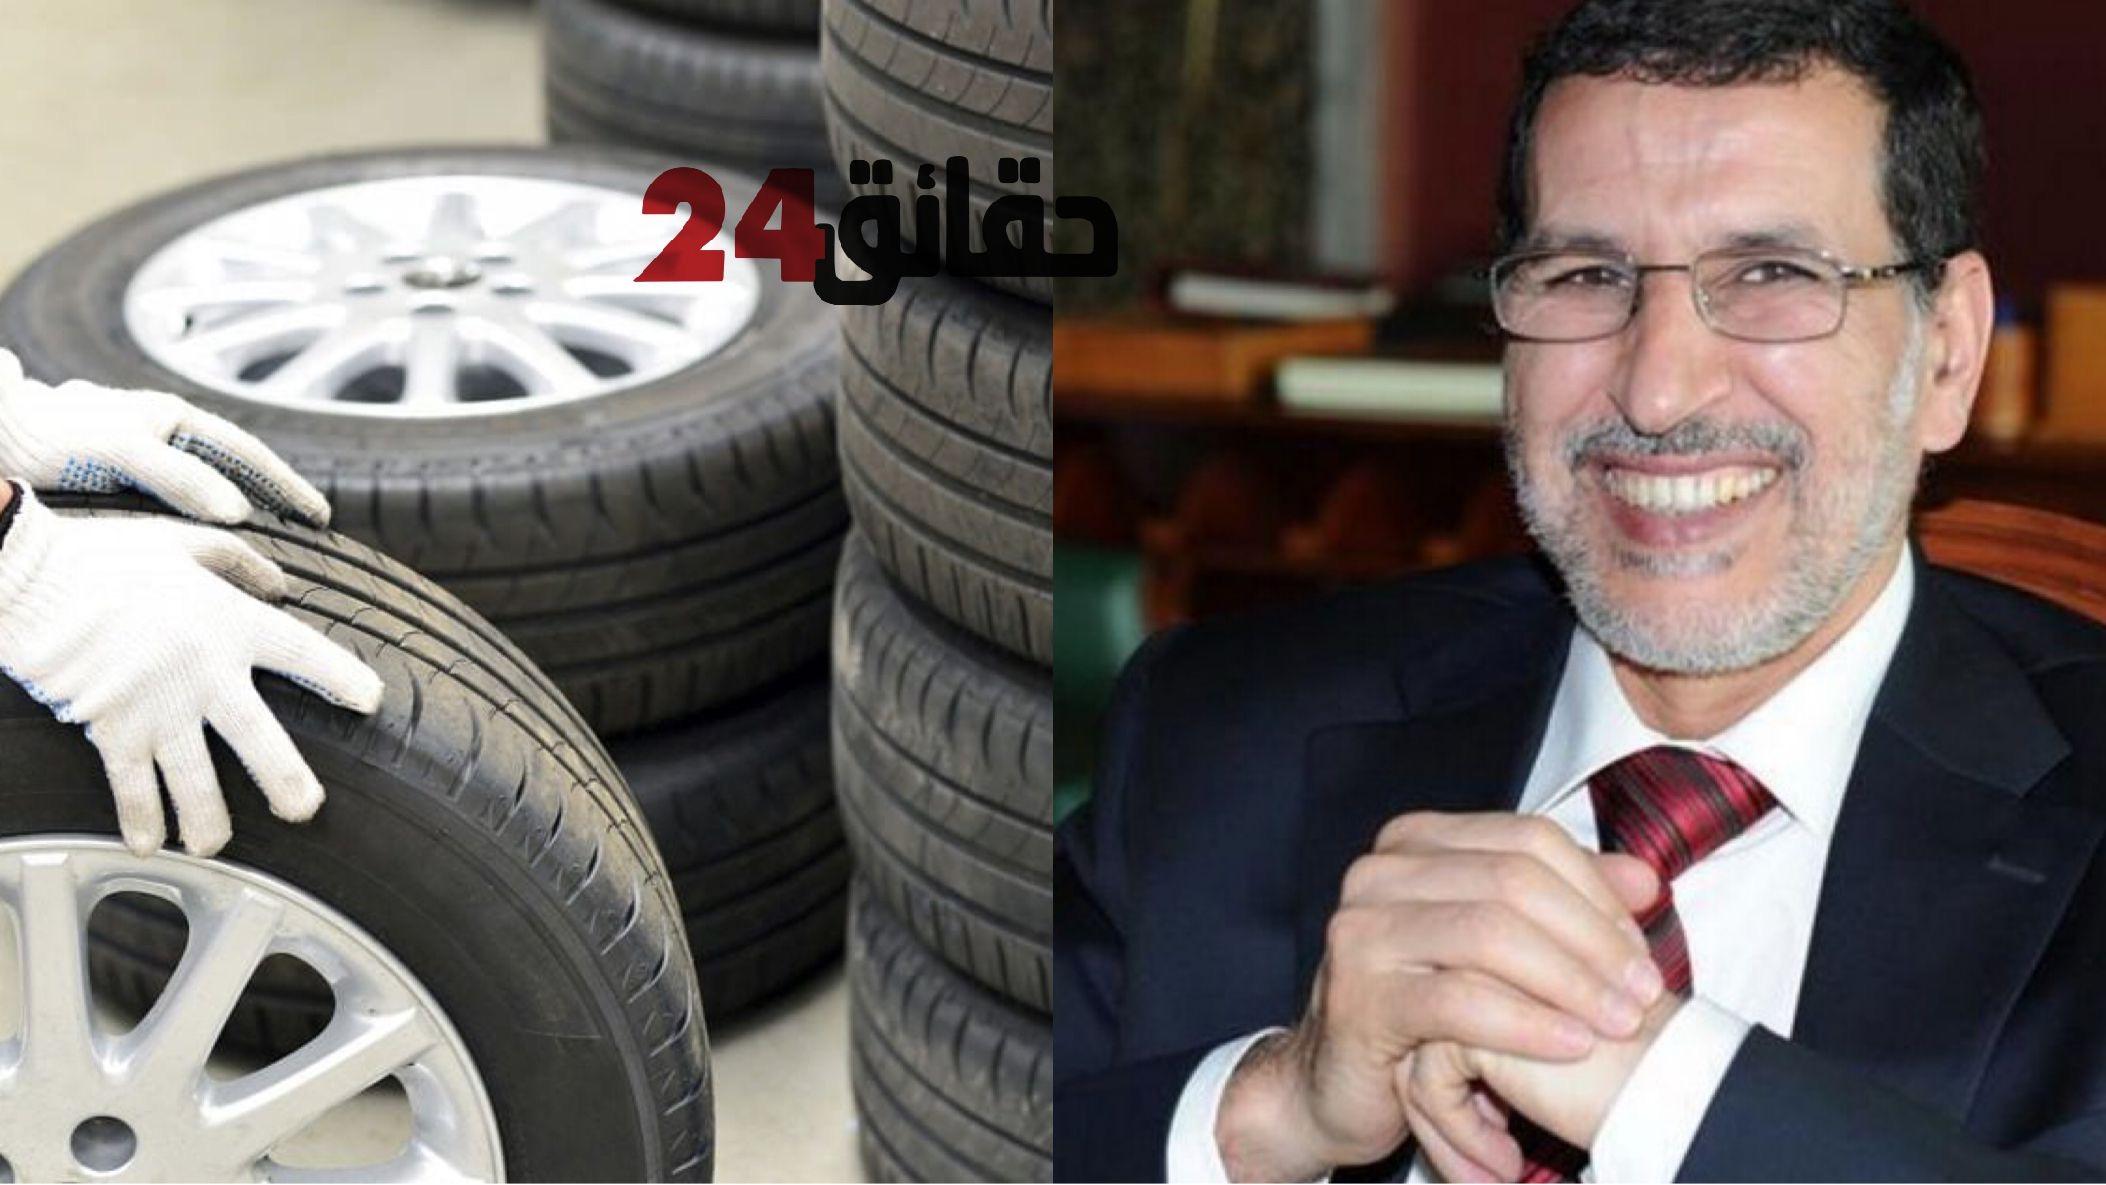 صورة العثماني يفرض الضريبة على عجلات السيارات كي تدور عجلة الحكومة